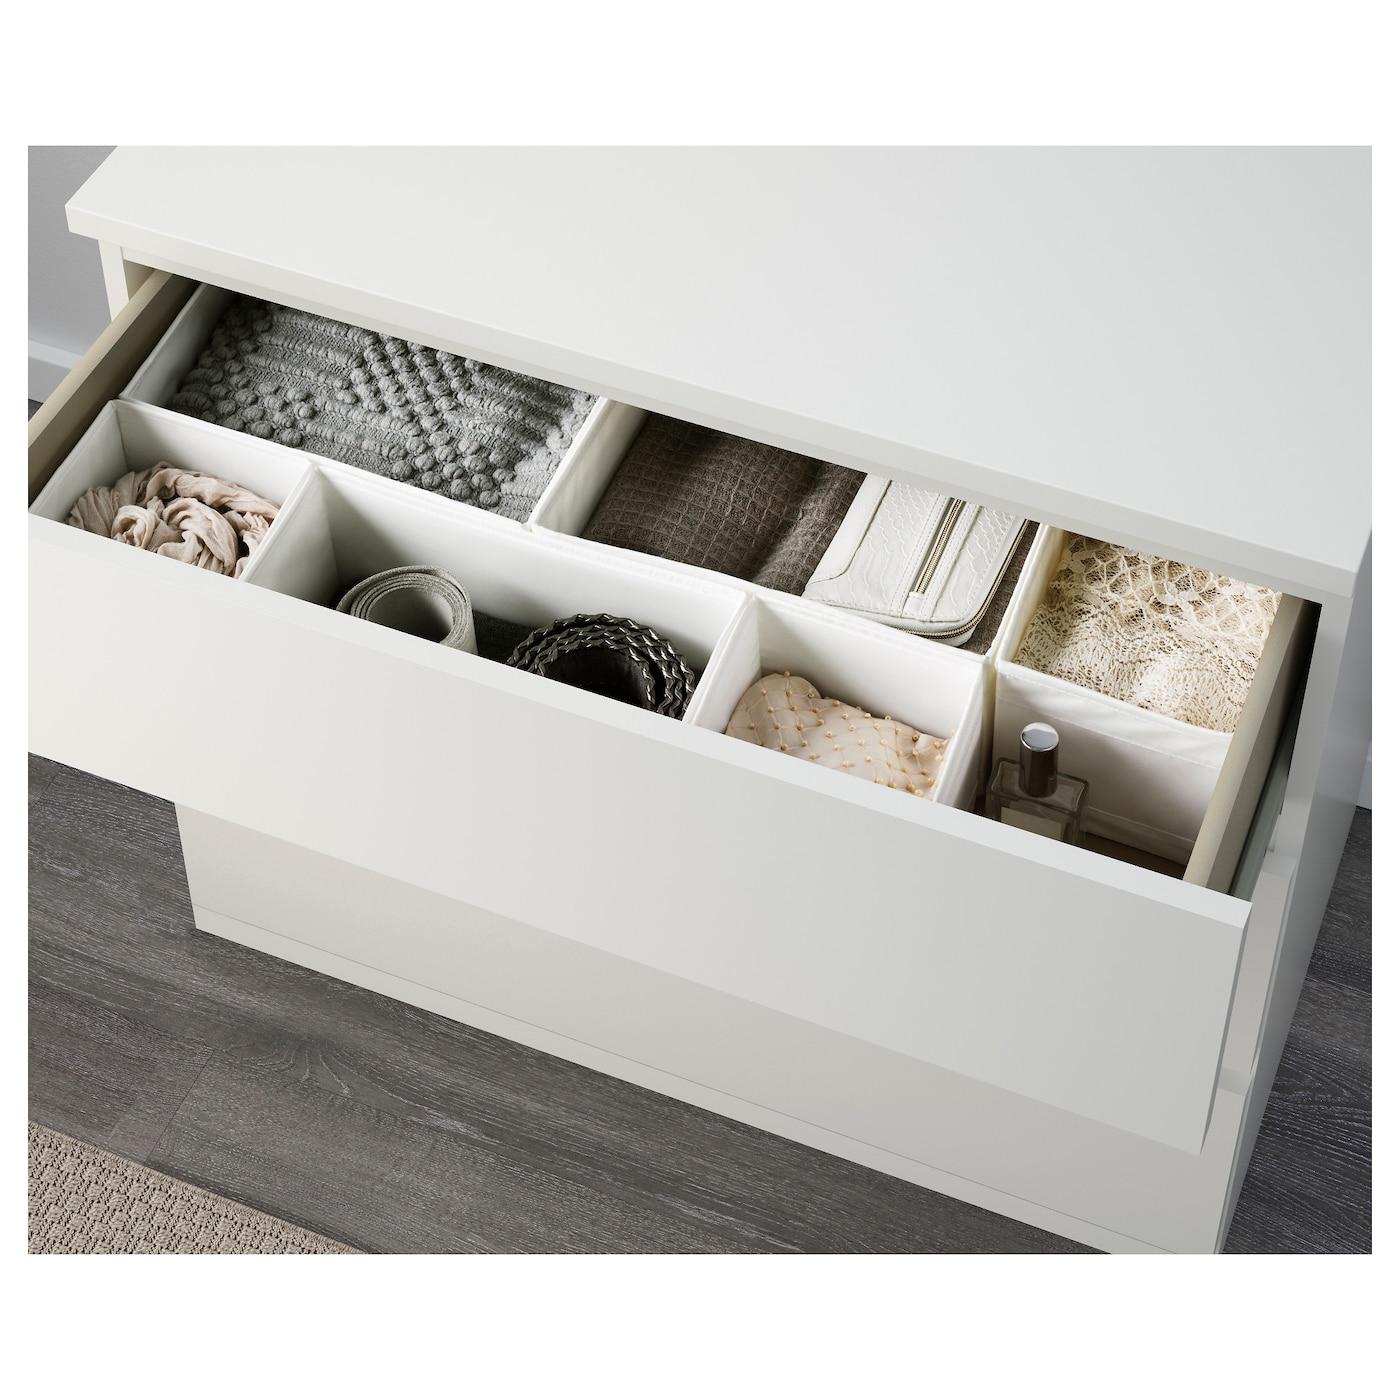 Ikea Malm Kommode 3 Schubladen Weiß 2021